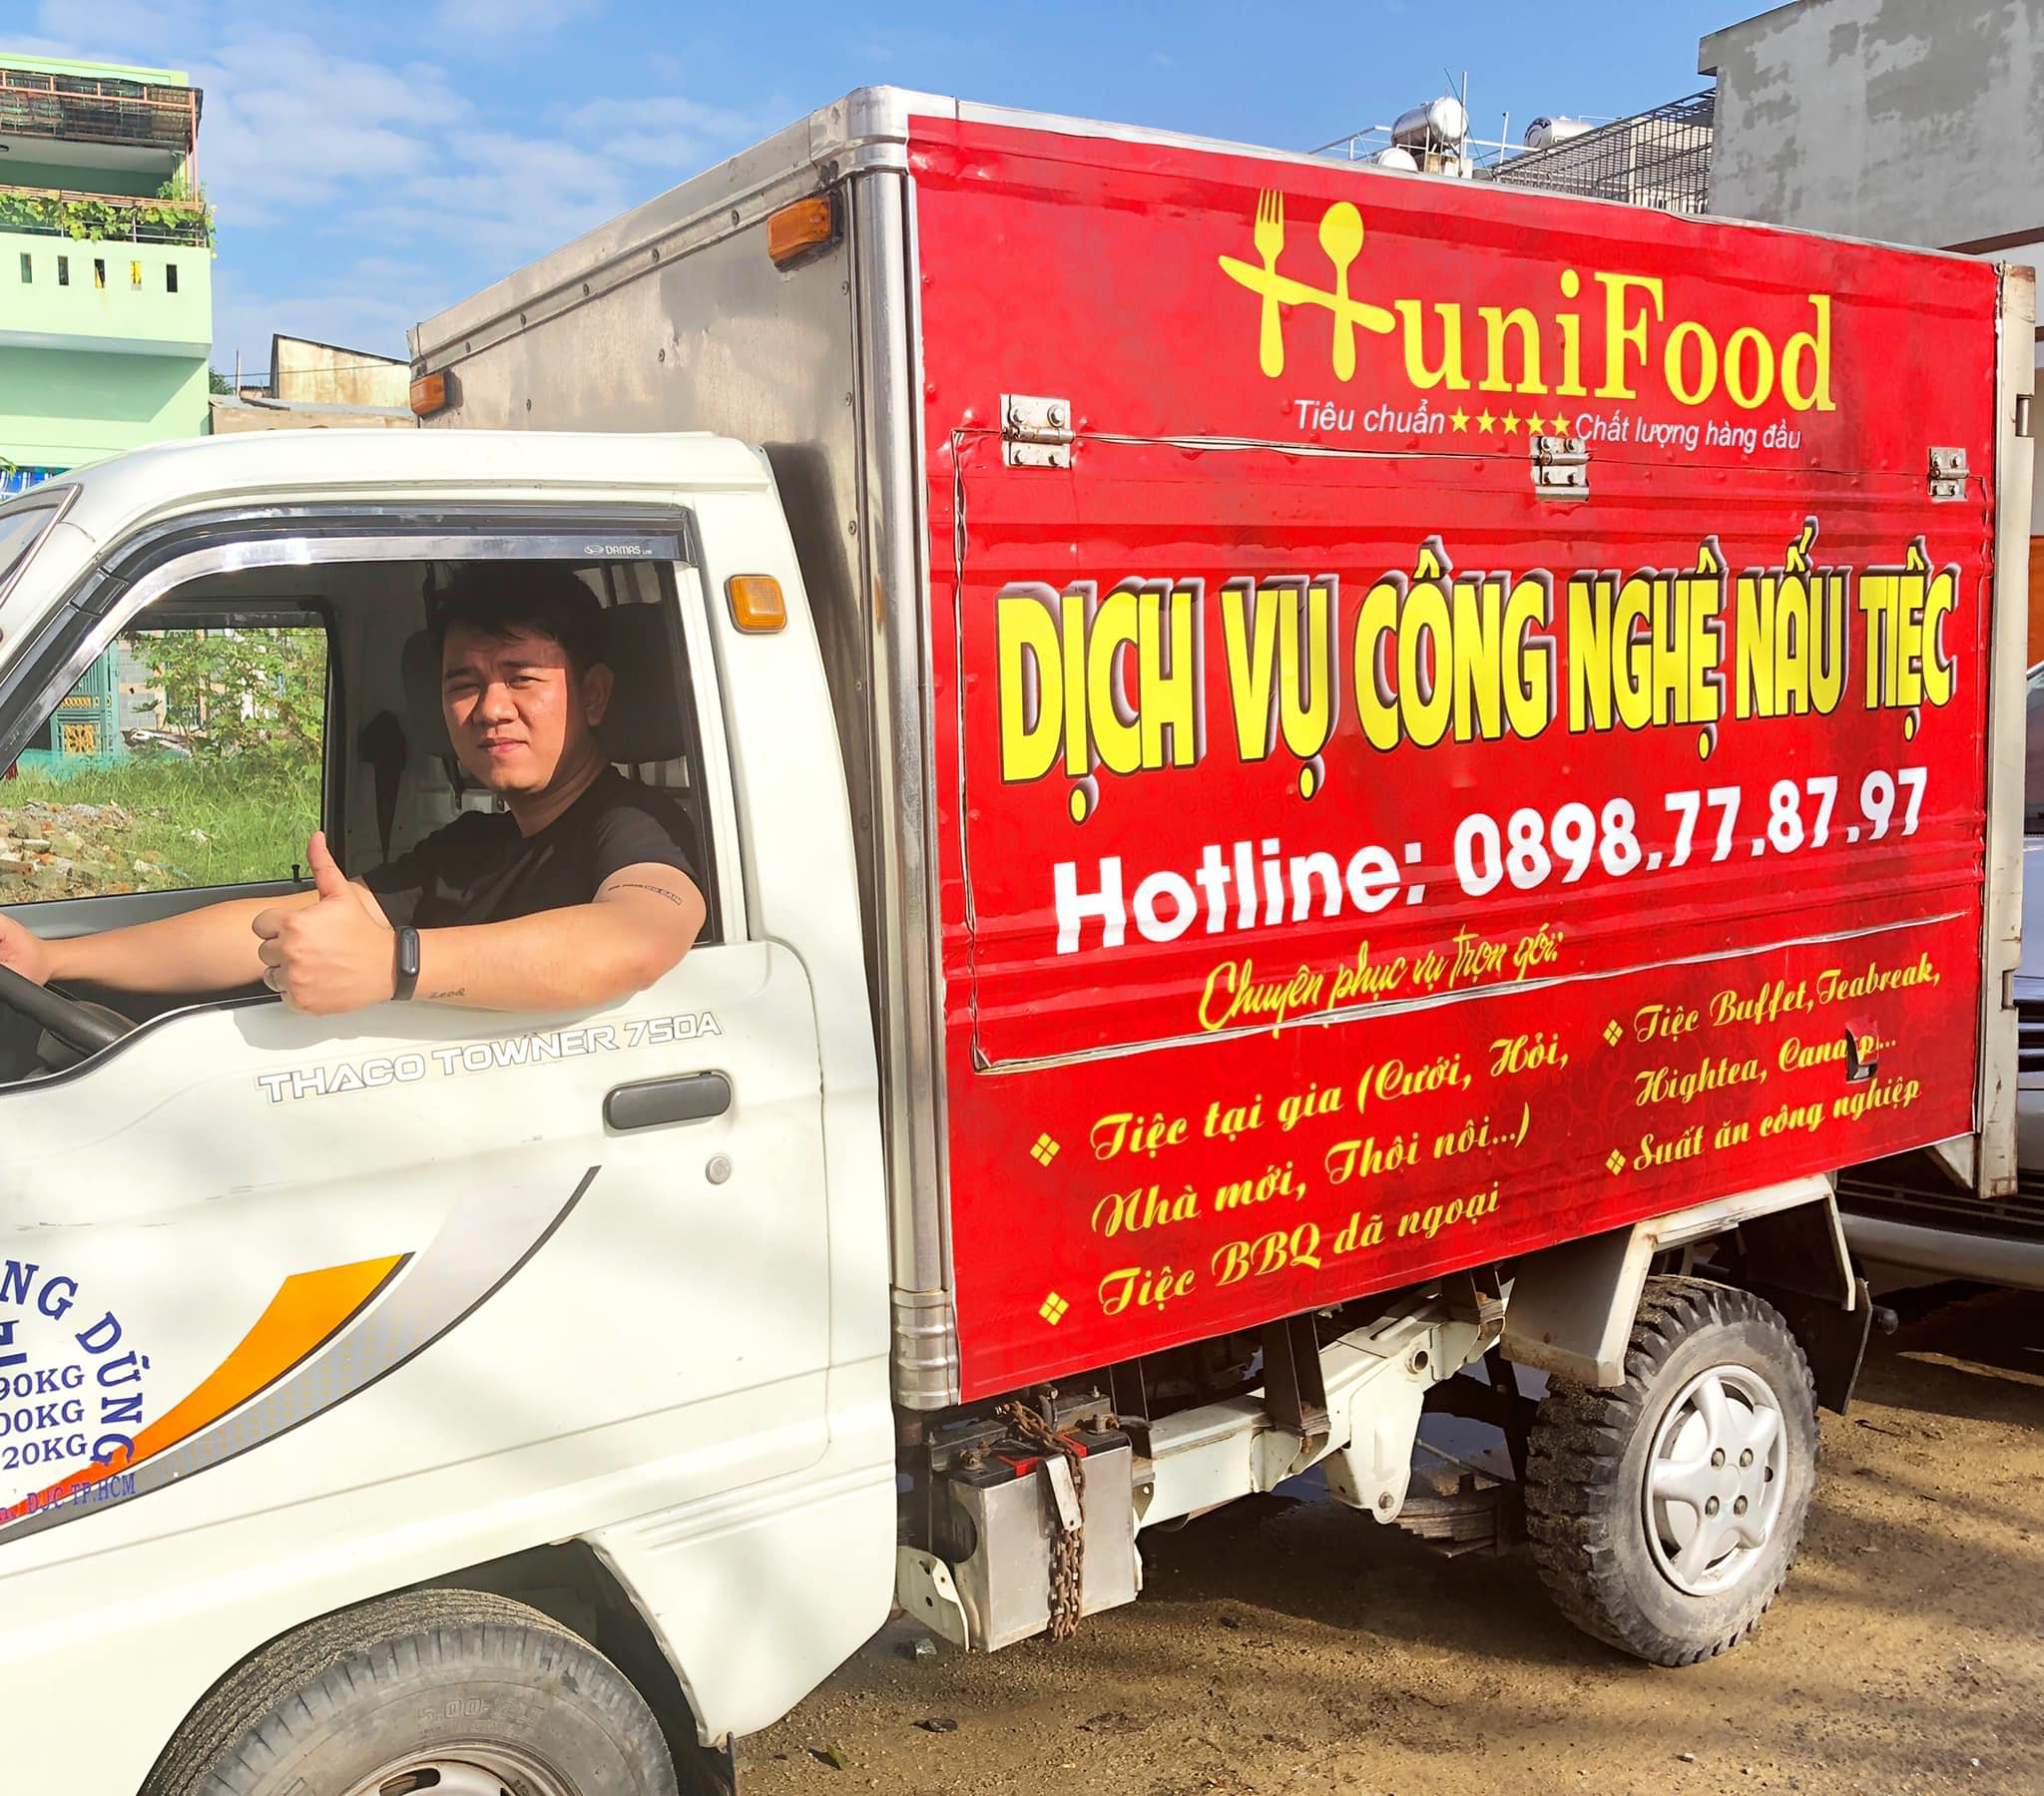 Dịch Vụ Nấu Tiệc Đà Nẵng